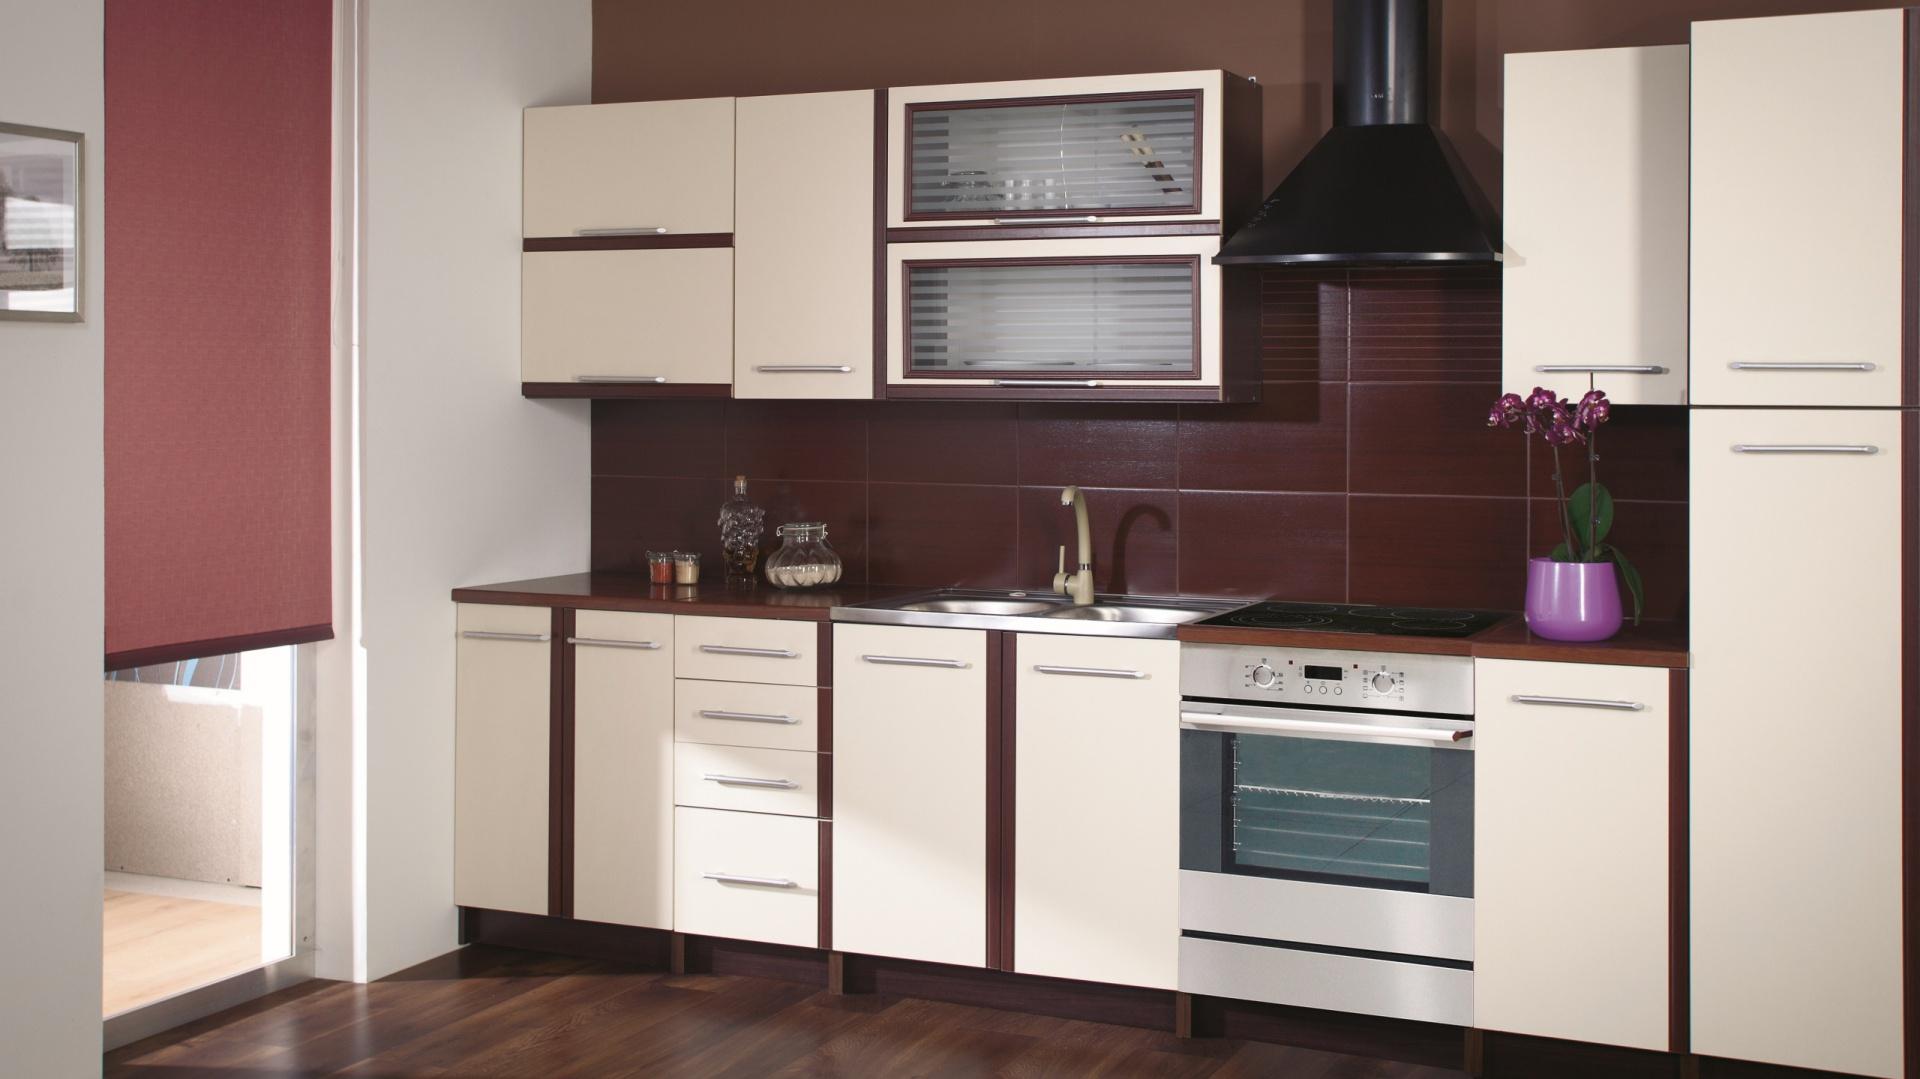 zestaw mebli kuchennych meble do kuchni do 5000 z�